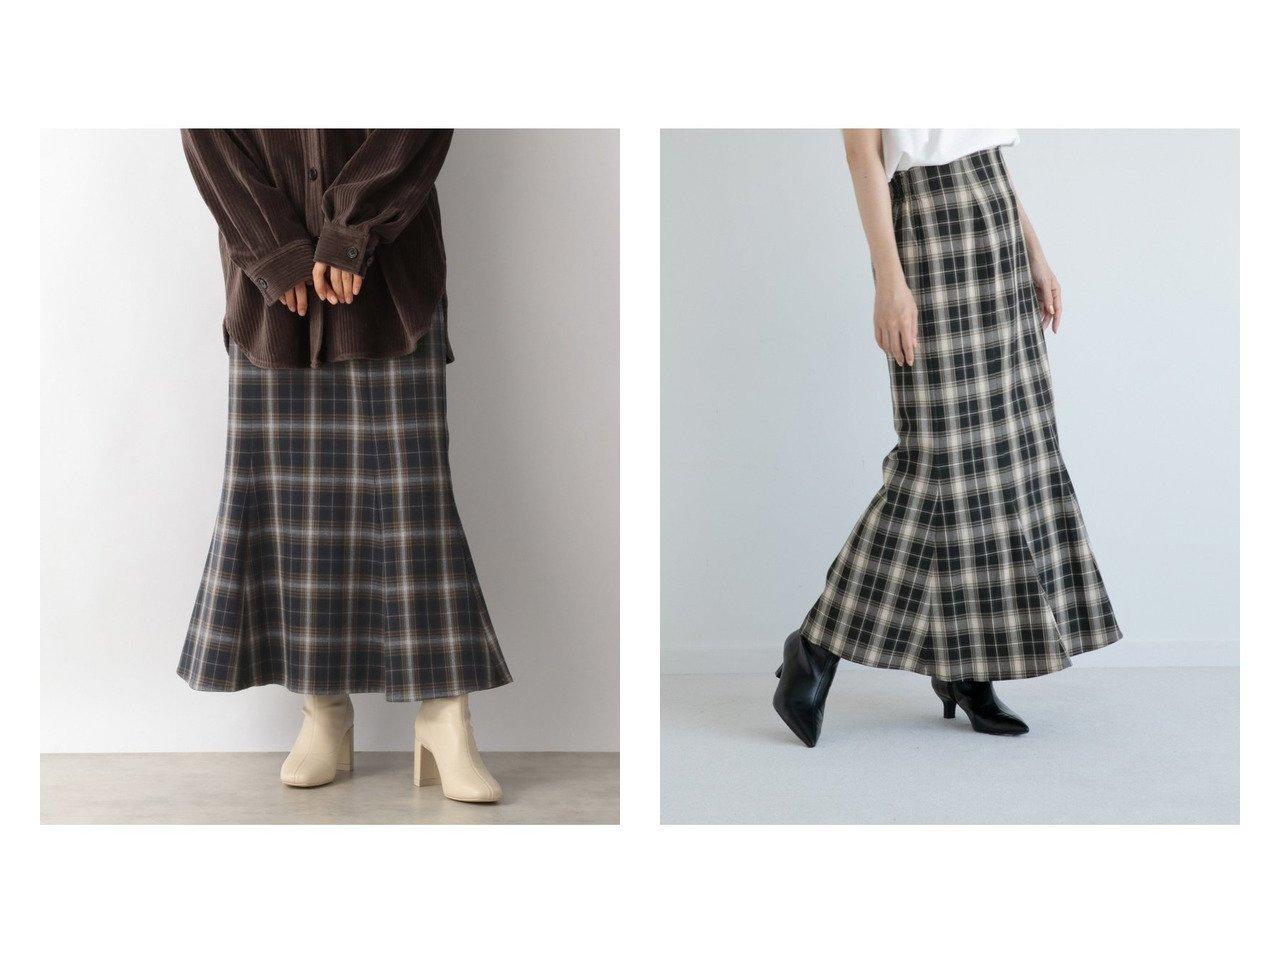 【LOWRYS FARM/ローリーズファーム】のチェックマーメイドスカート 【プチプライス・低価格】おすすめ!人気、トレンド・レディースファッションの通販 おすすめで人気の流行・トレンド、ファッションの通販商品 インテリア・家具・メンズファッション・キッズファッション・レディースファッション・服の通販 founy(ファニー) https://founy.com/ ファッション Fashion レディースファッション WOMEN スカート Skirt ロングスカート Long Skirt ロング 再入荷 Restock/Back in Stock/Re Arrival |ID:crp329100000072084